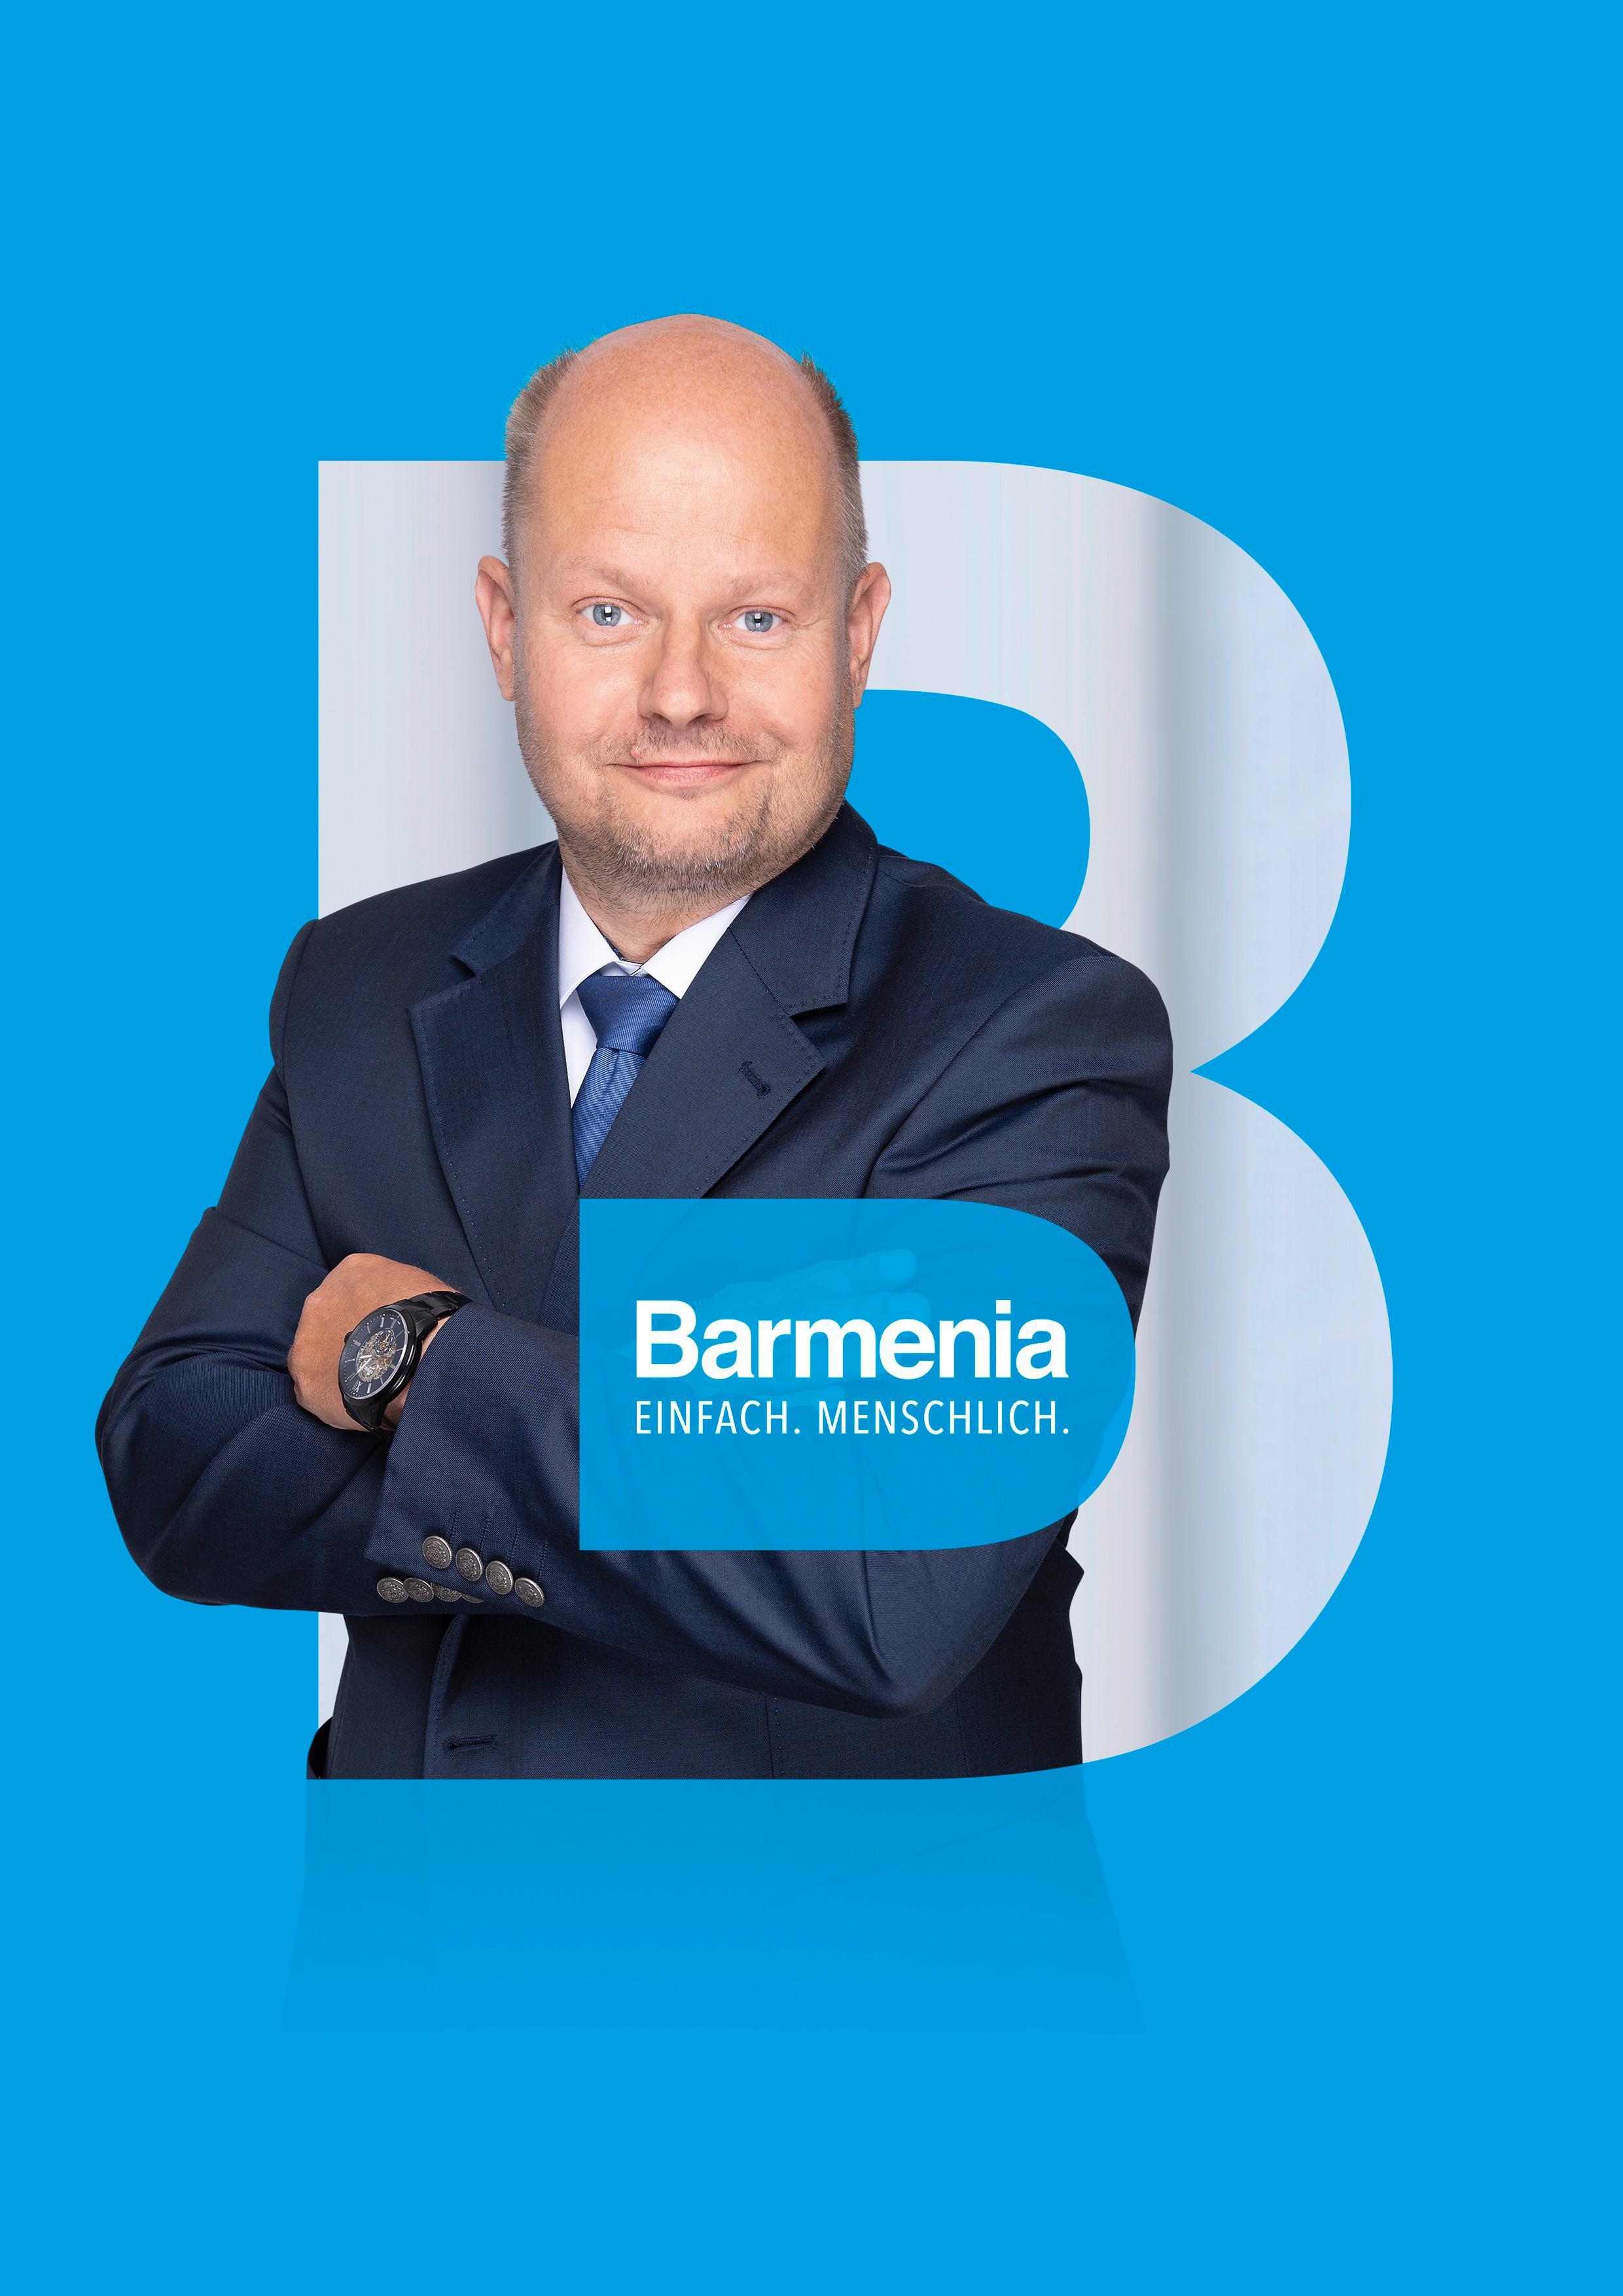 Jens Vehlhaber. Ihr Ansprechpartner für die Barmenia Versicherung in Essen.